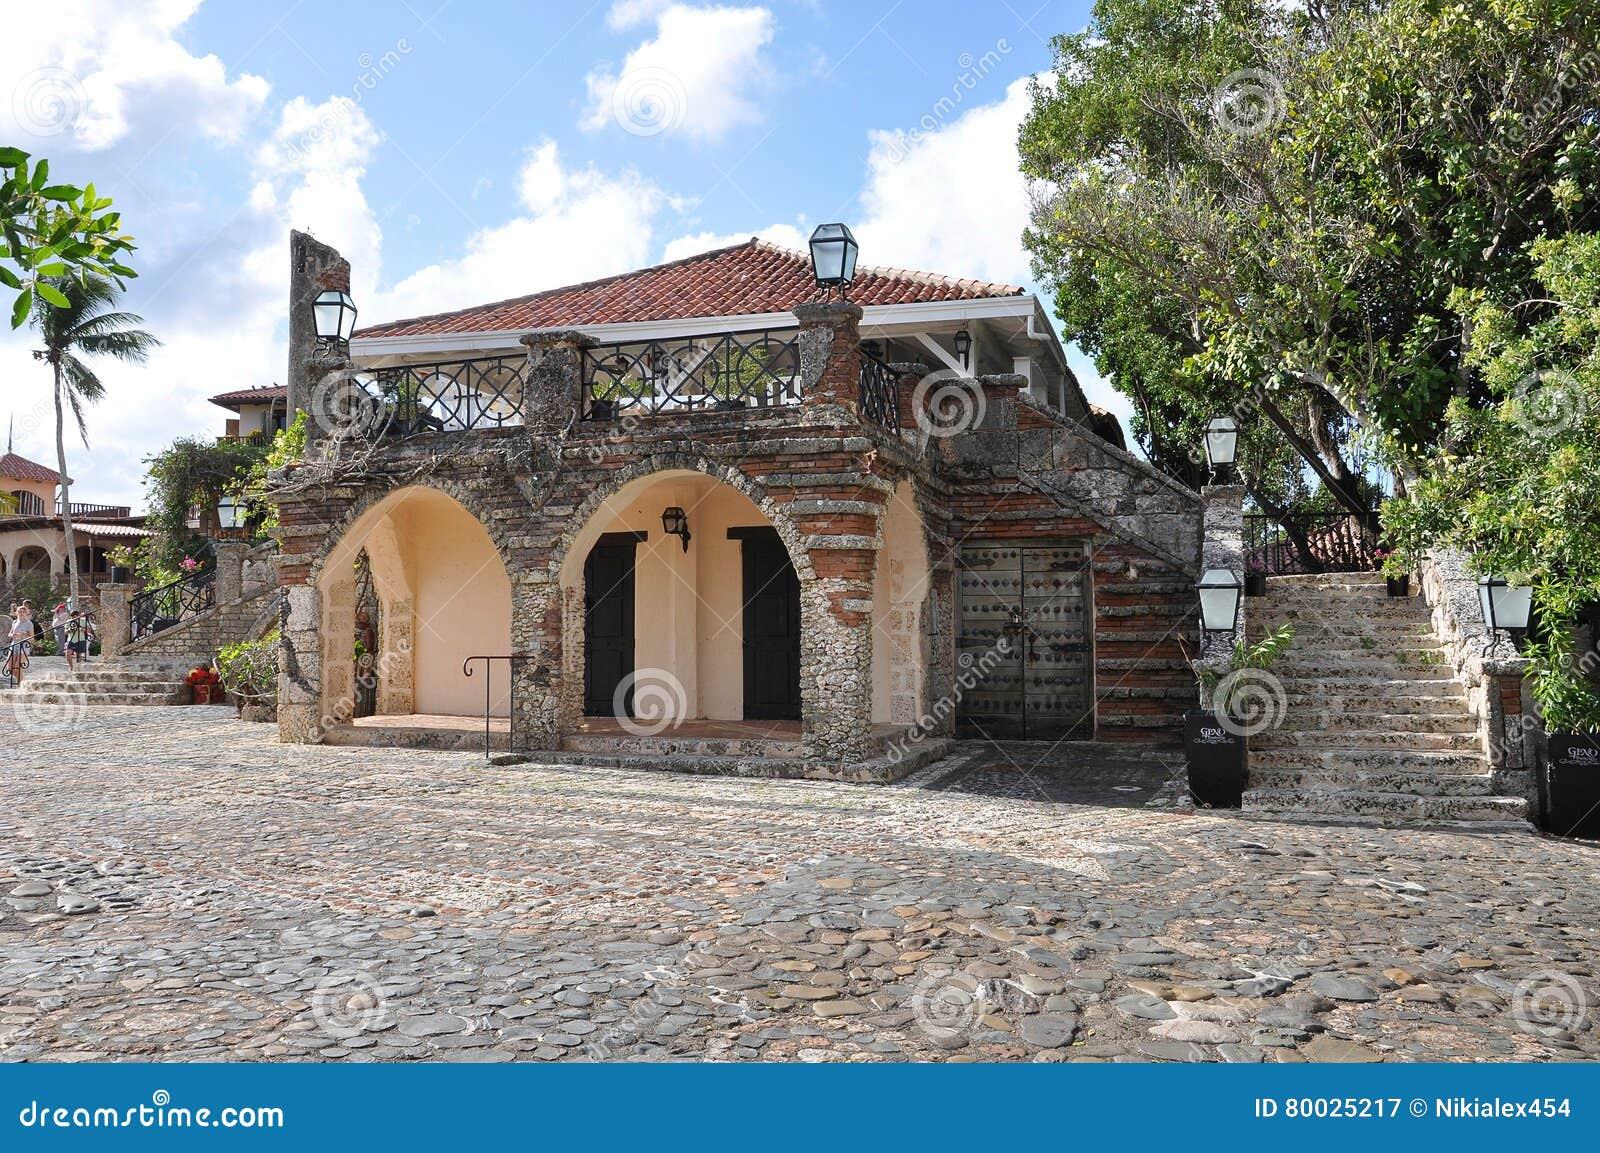 Una Imagen De Las Casas Españolas Viejas Con Windows De ... - photo#10